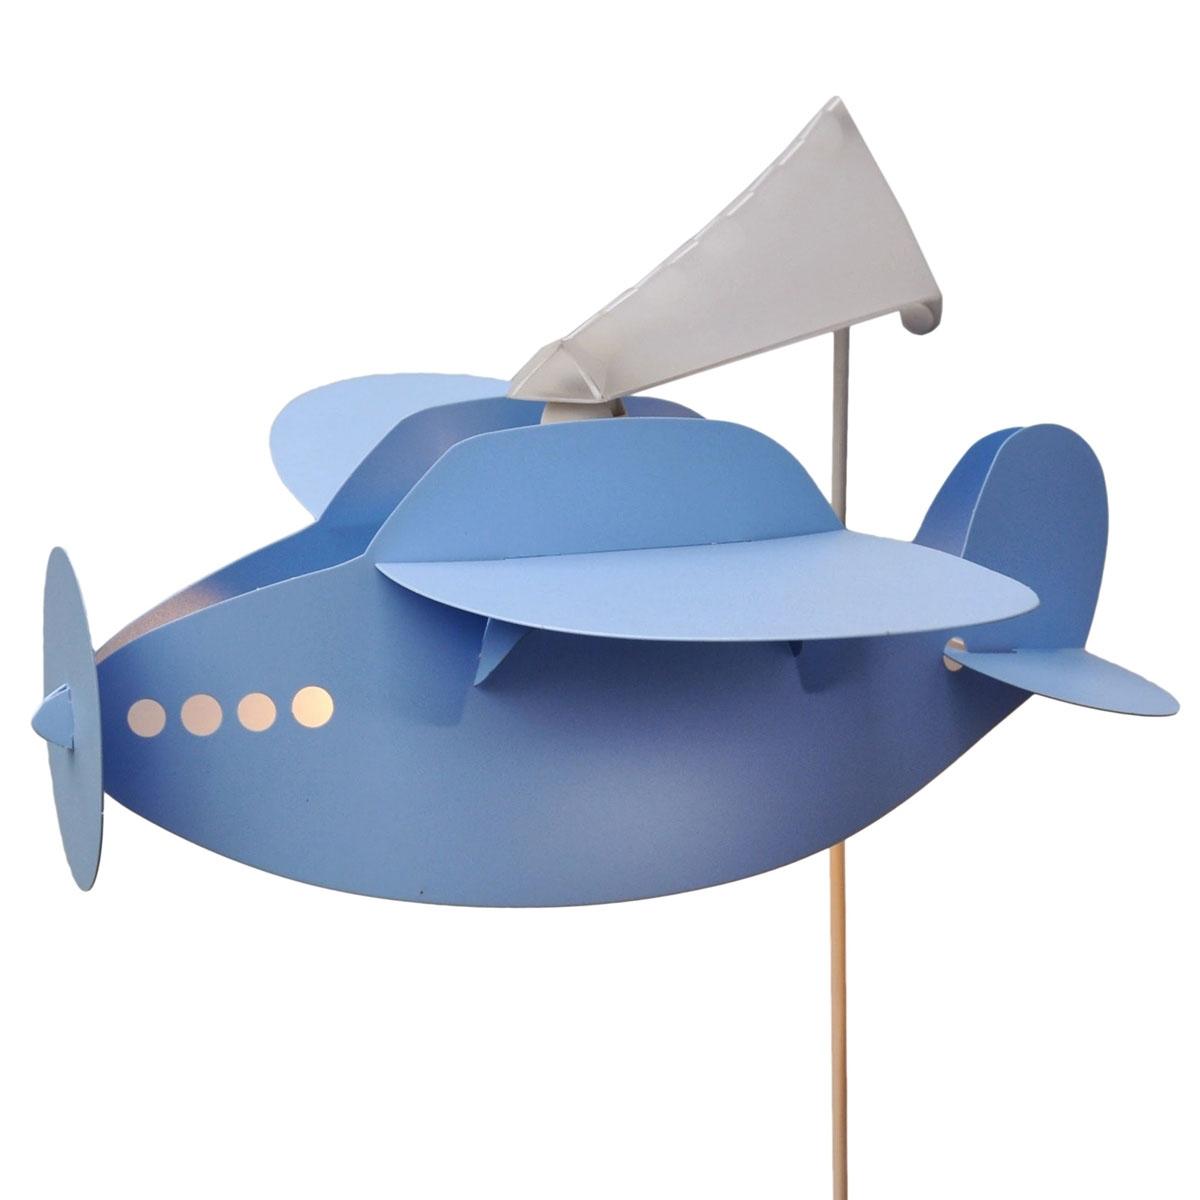 Applique lampe enfant avion bleu ciel